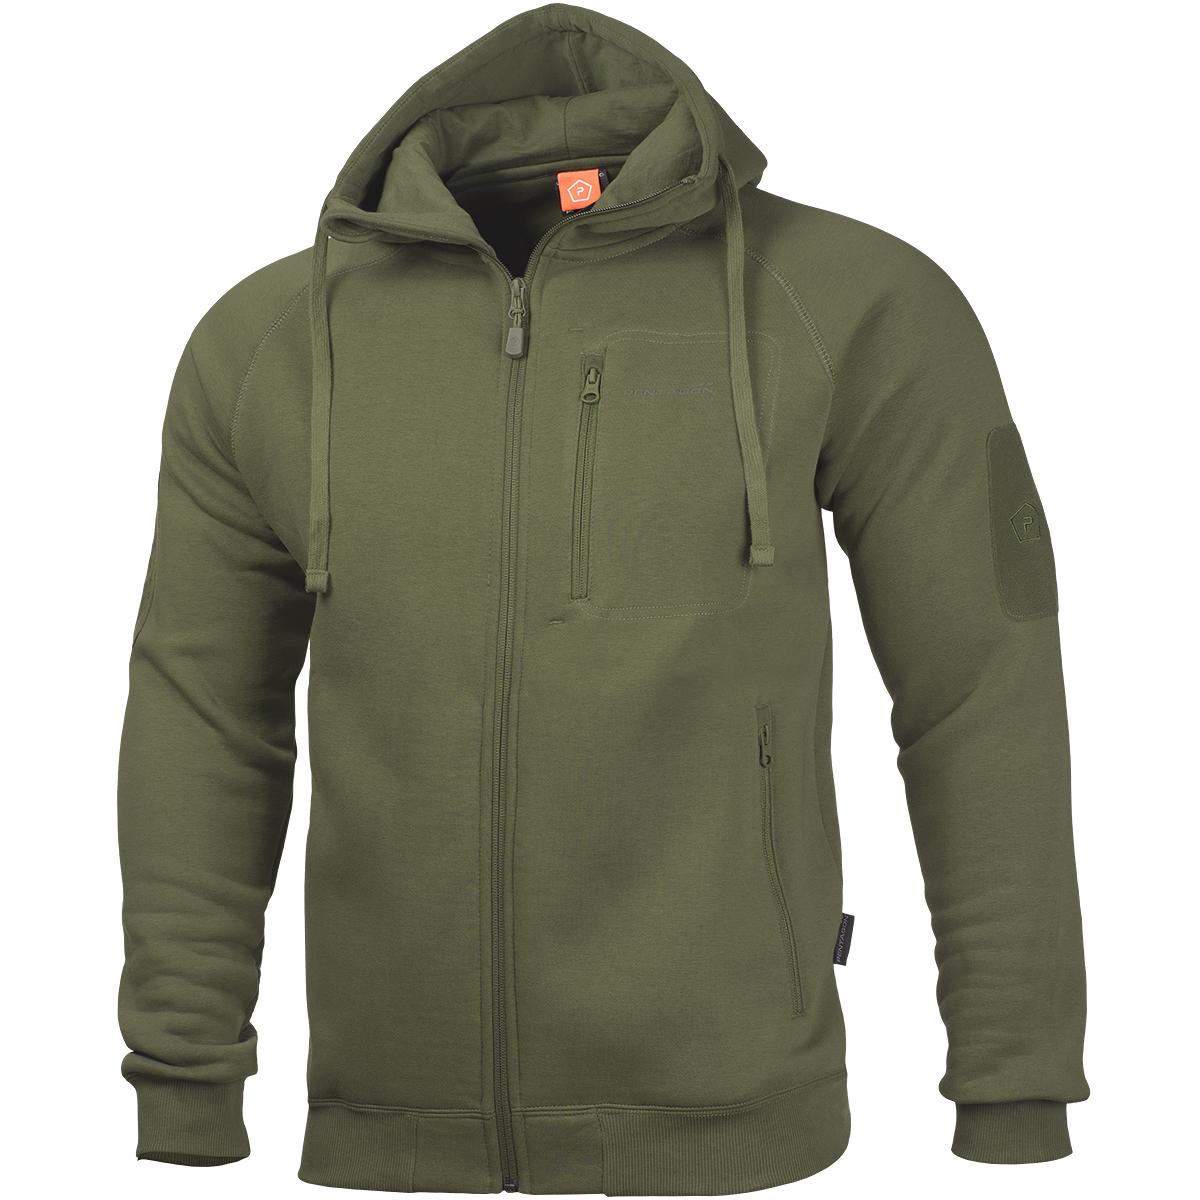 Details zu Pentagon Leonidas 2.0 Pullover Warme Herren Jacke Mit Kapuze Jagd Pullover Oliv